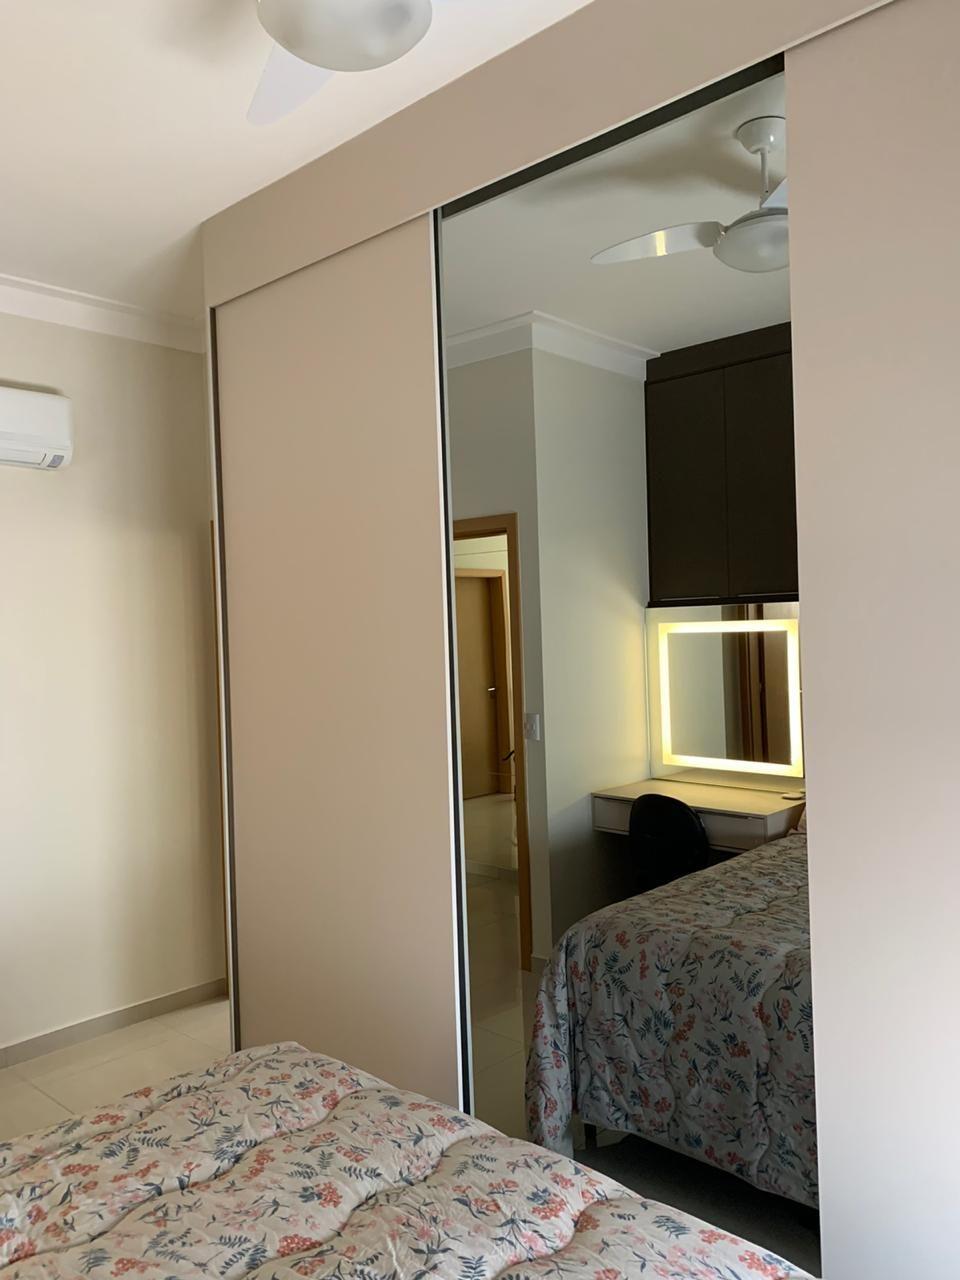 723 - Casa Condomínio Baraúna 4 Suítes 219m²